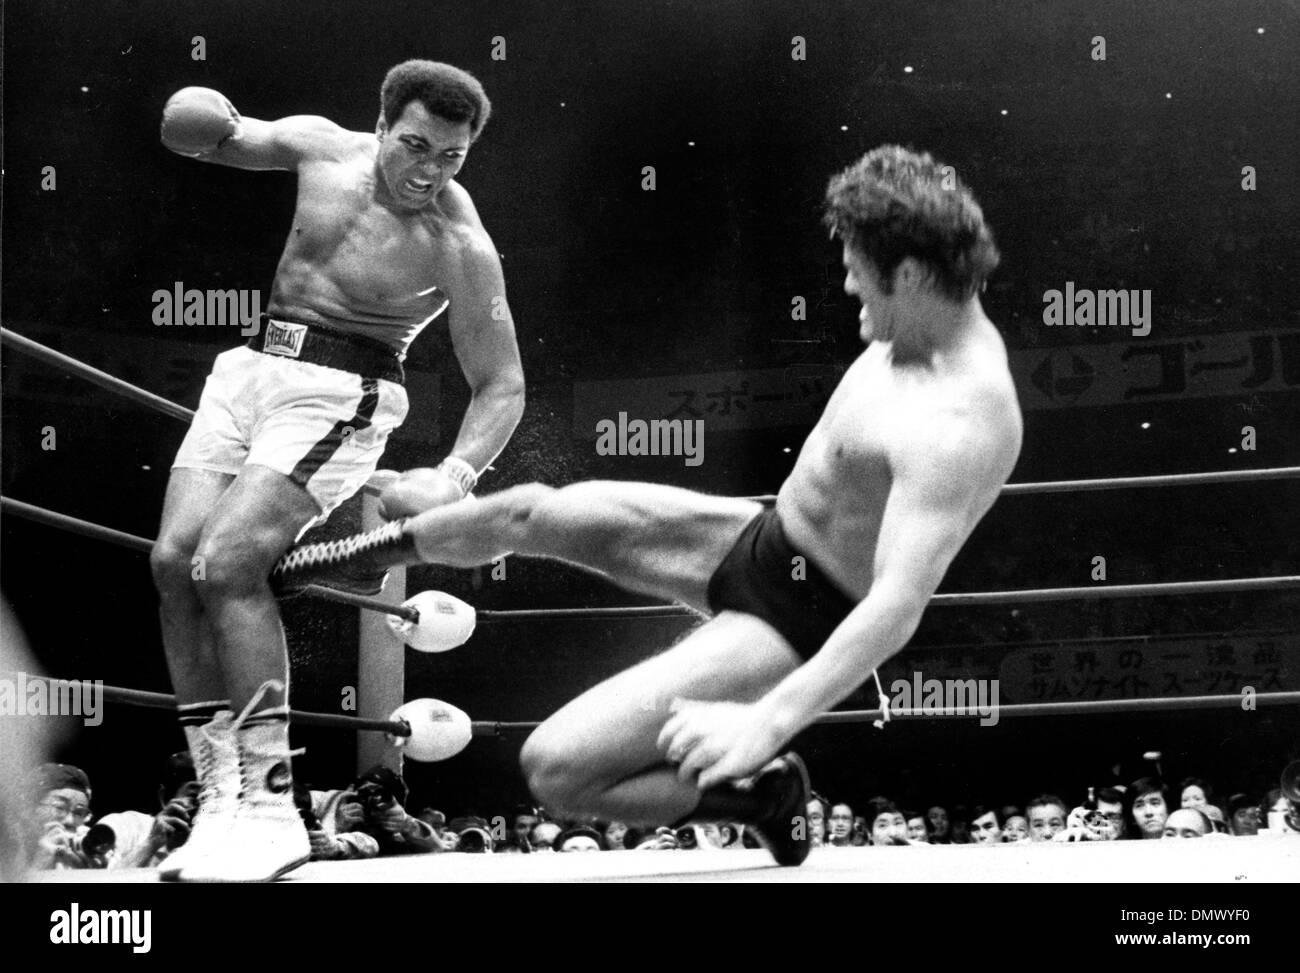 Abril 11, 1956 - Tokio, Japón - Muhammad Ali o Cassius Clay, como el boxeador peso pesado dominante en los Imagen De Stock